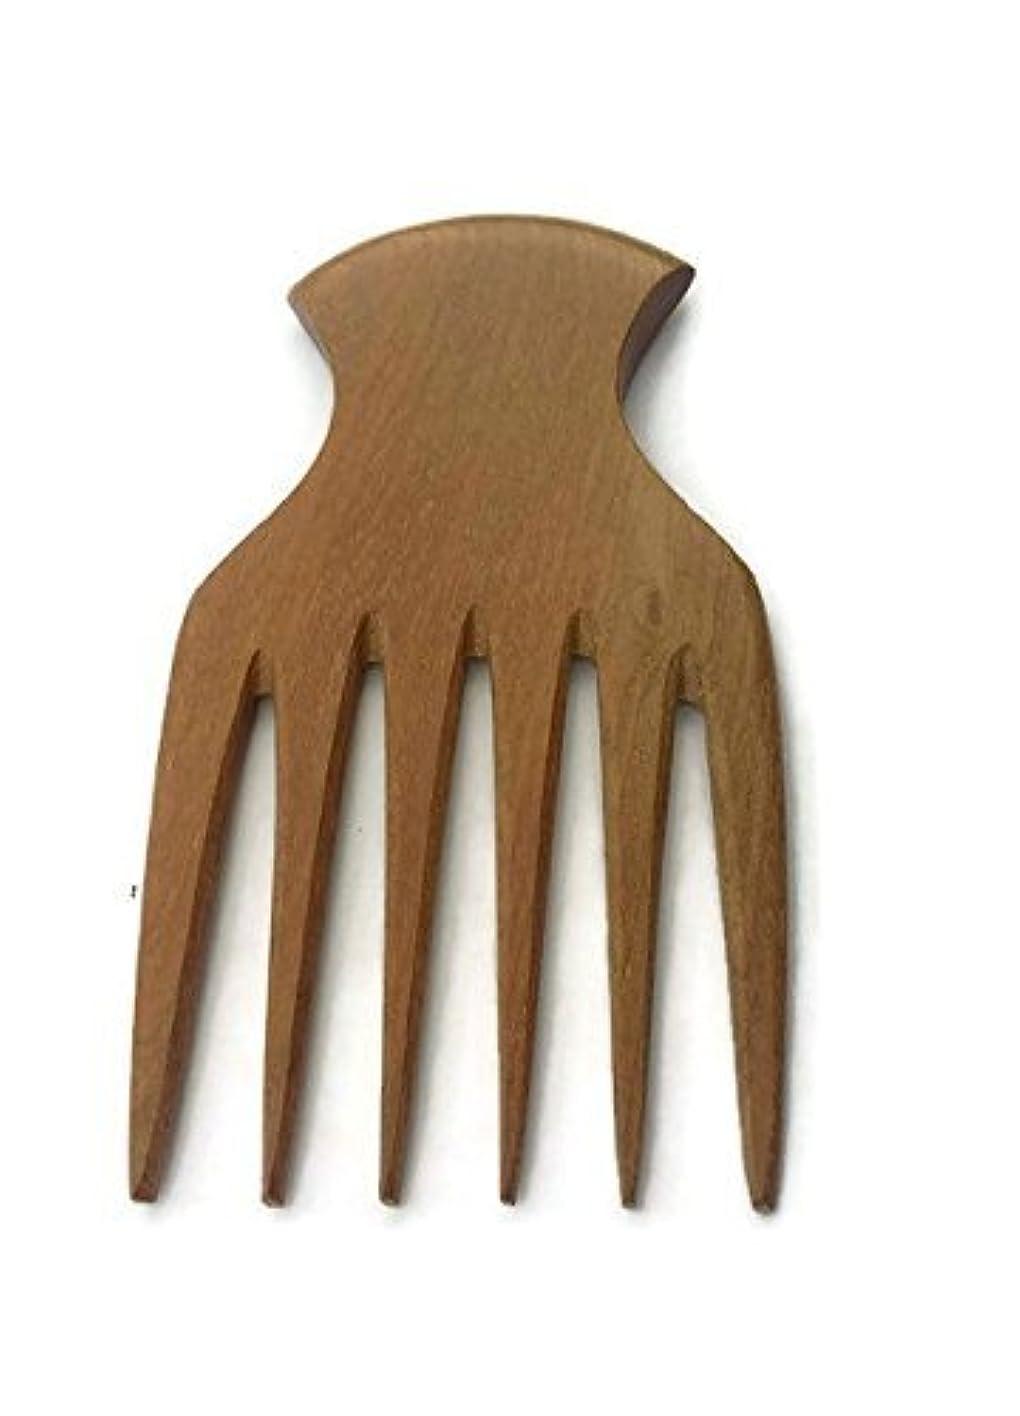 お手伝いさん熟考する提唱するPlai Na natural wood comb afro pick handmade for thick and curly hair [並行輸入品]